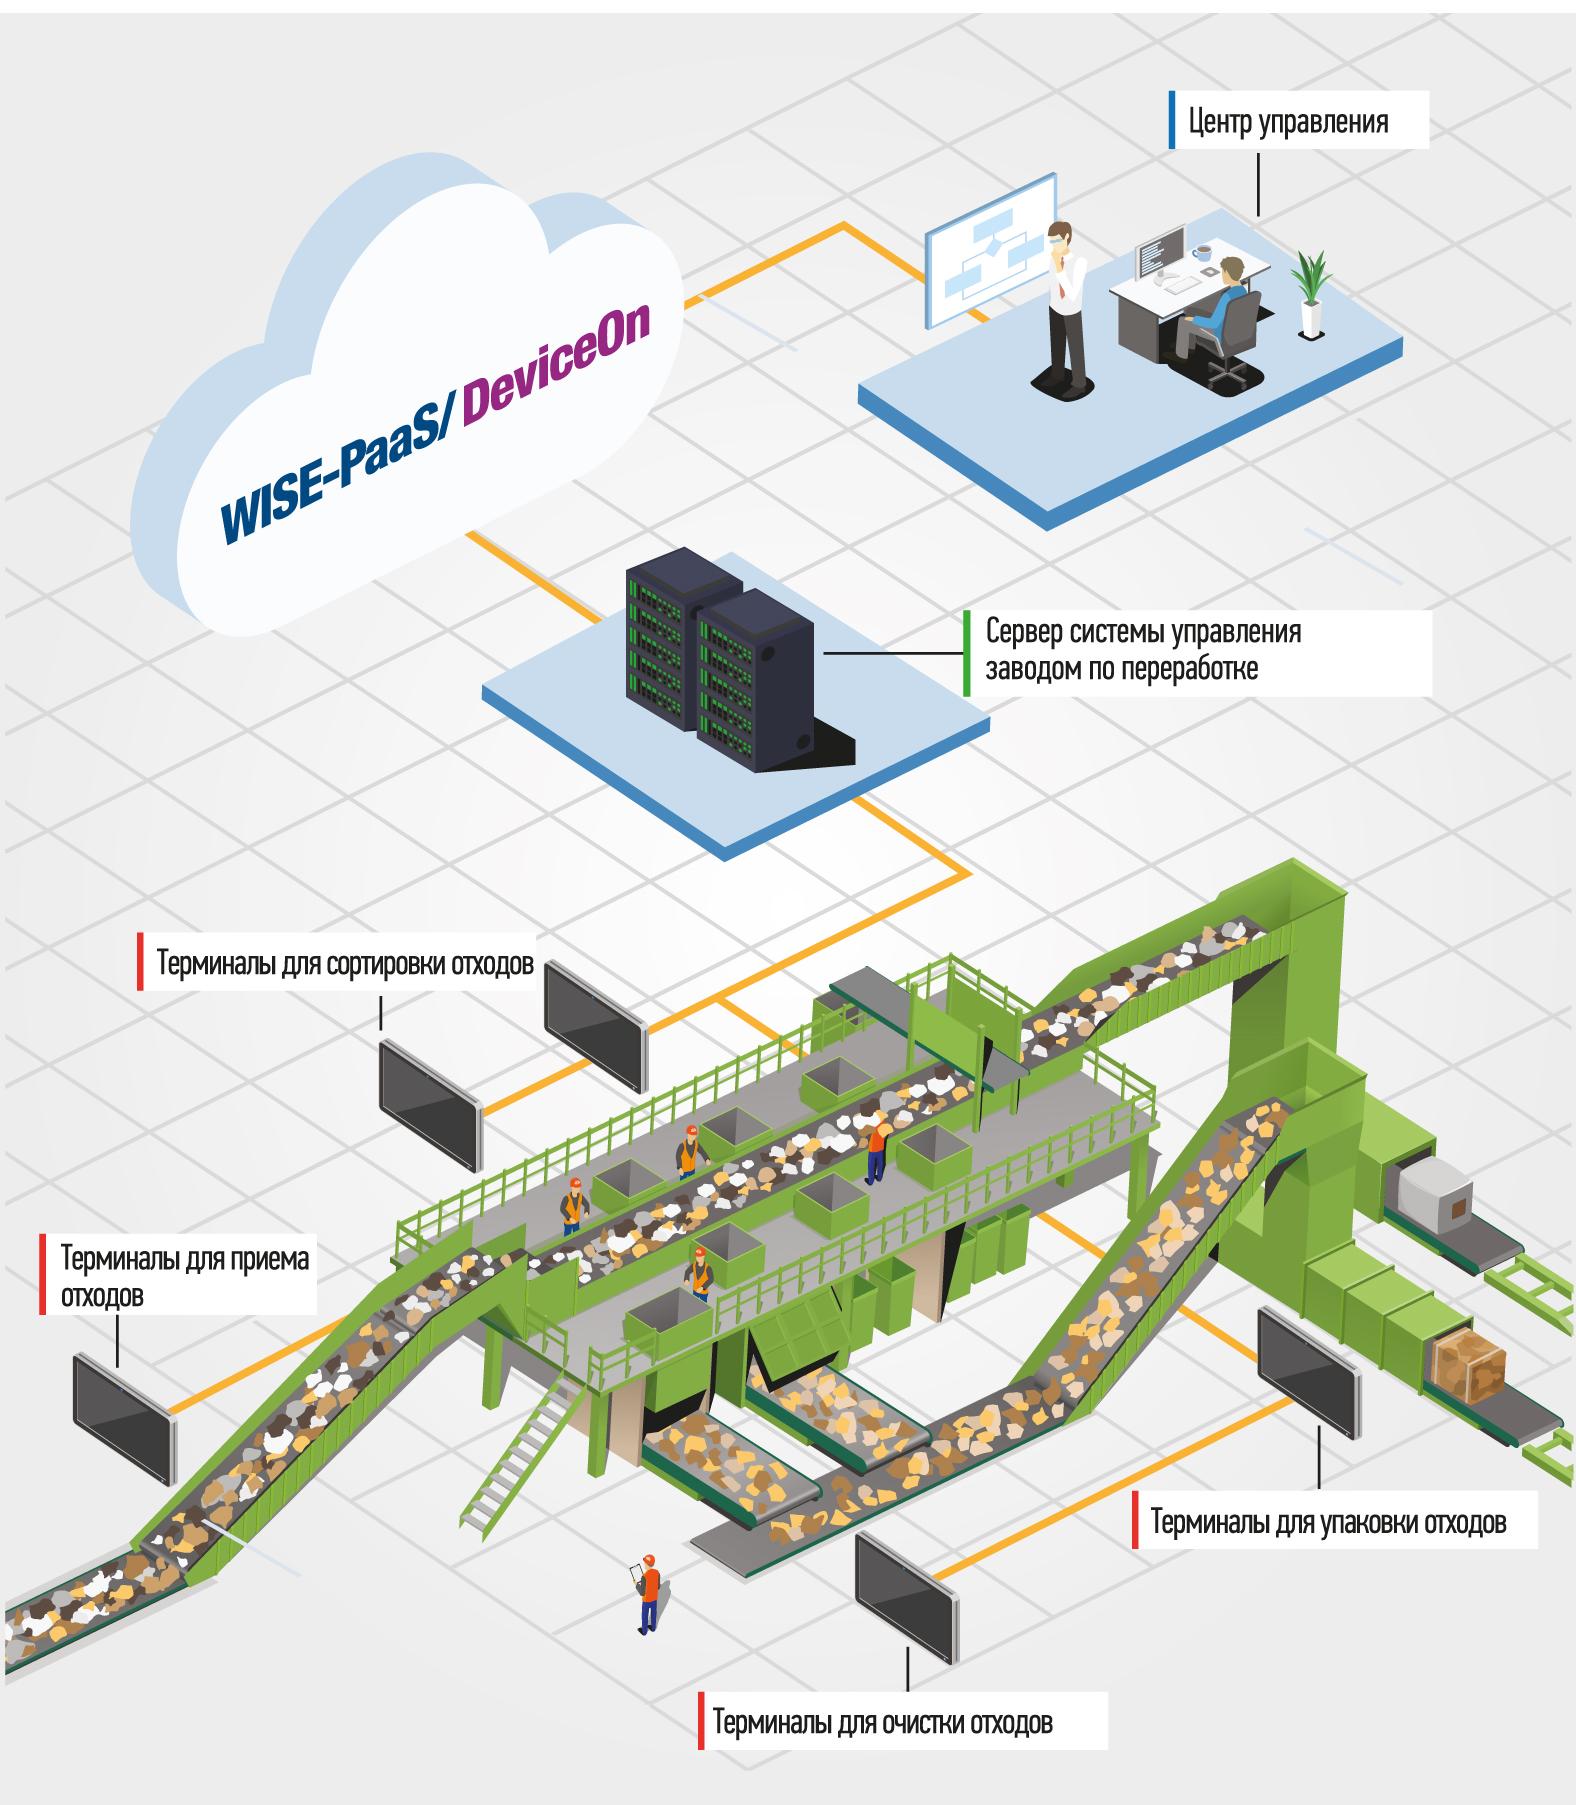 Пример расположения решений на основе компьютера UTC-520 на предприятии для переработки отходов.Примечание. WISE-Paas/DeviceOn — платформа для управления множеством конечных устройств, таких как датчики, терминалы, встраиваемые системы и т. п.